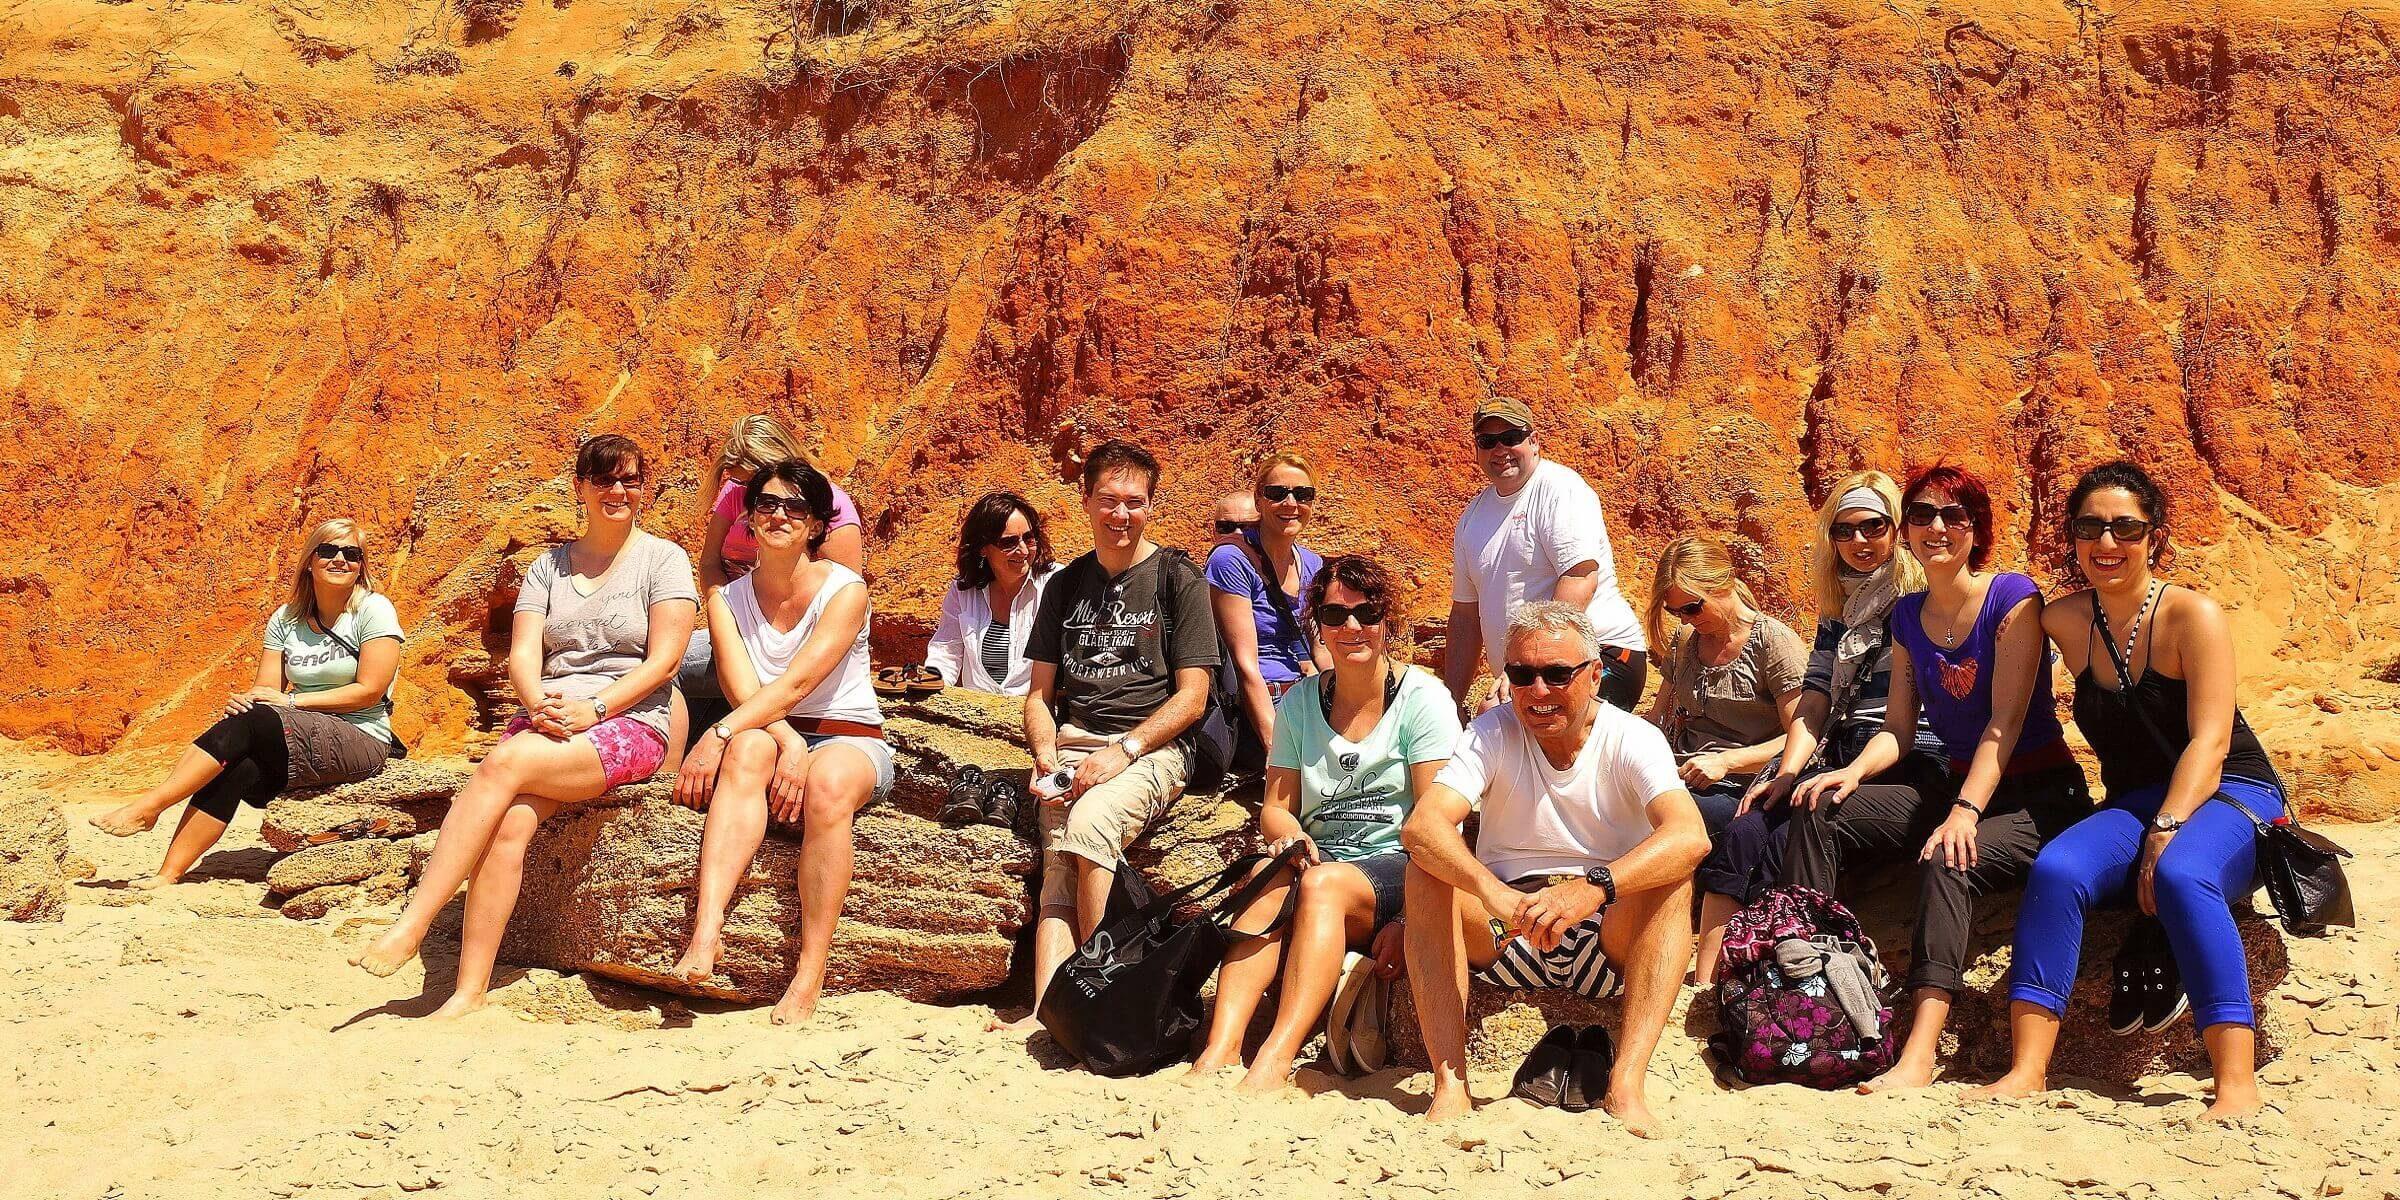 Die Singlereisen-Gruppe in Andalusien am Strand.